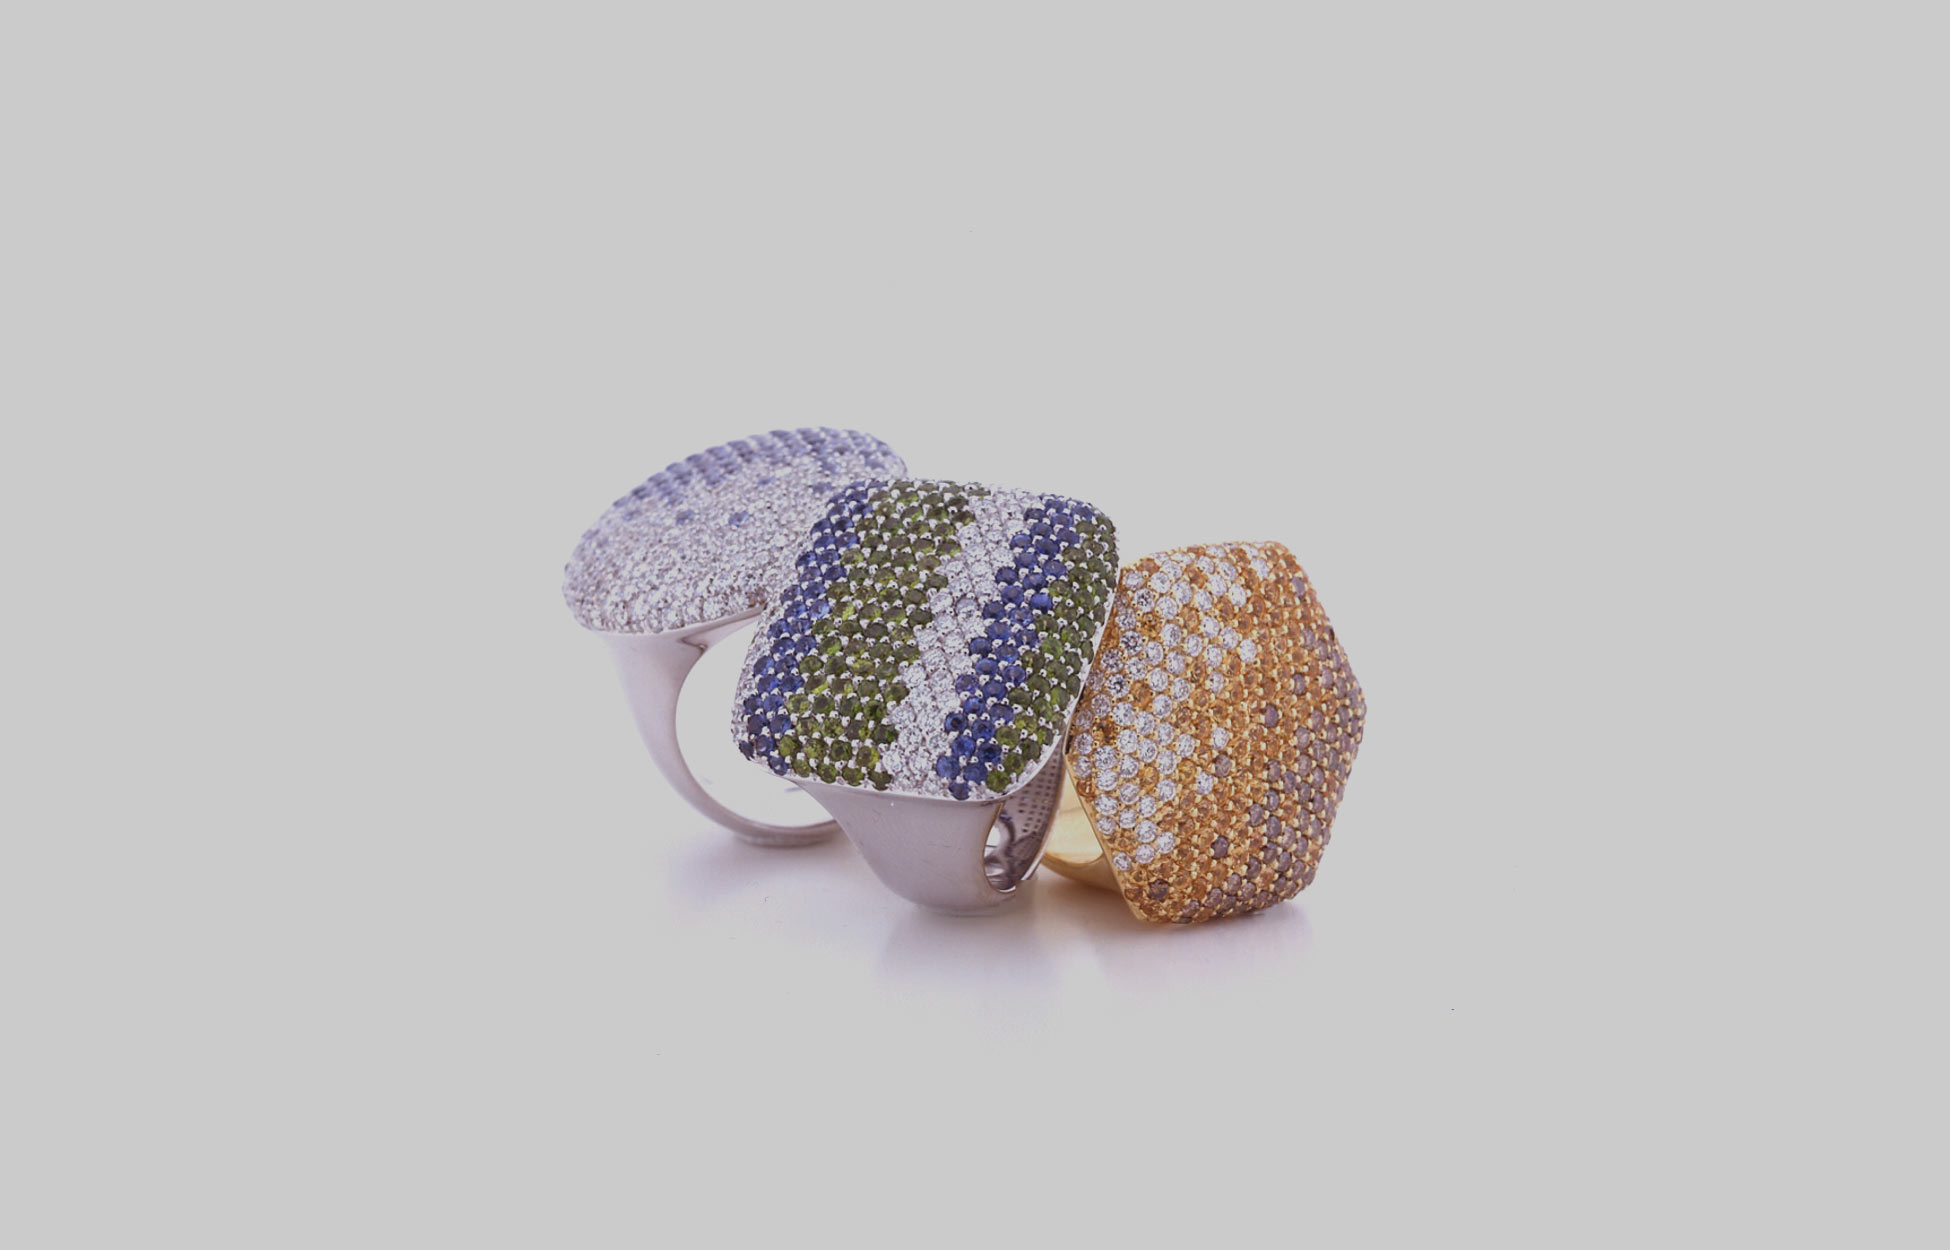 il-marchese-diamonds-diamanti-qualita-gioielli-collane-anelli-pendenti-fidanzamento-matrimonio-collezioni-114